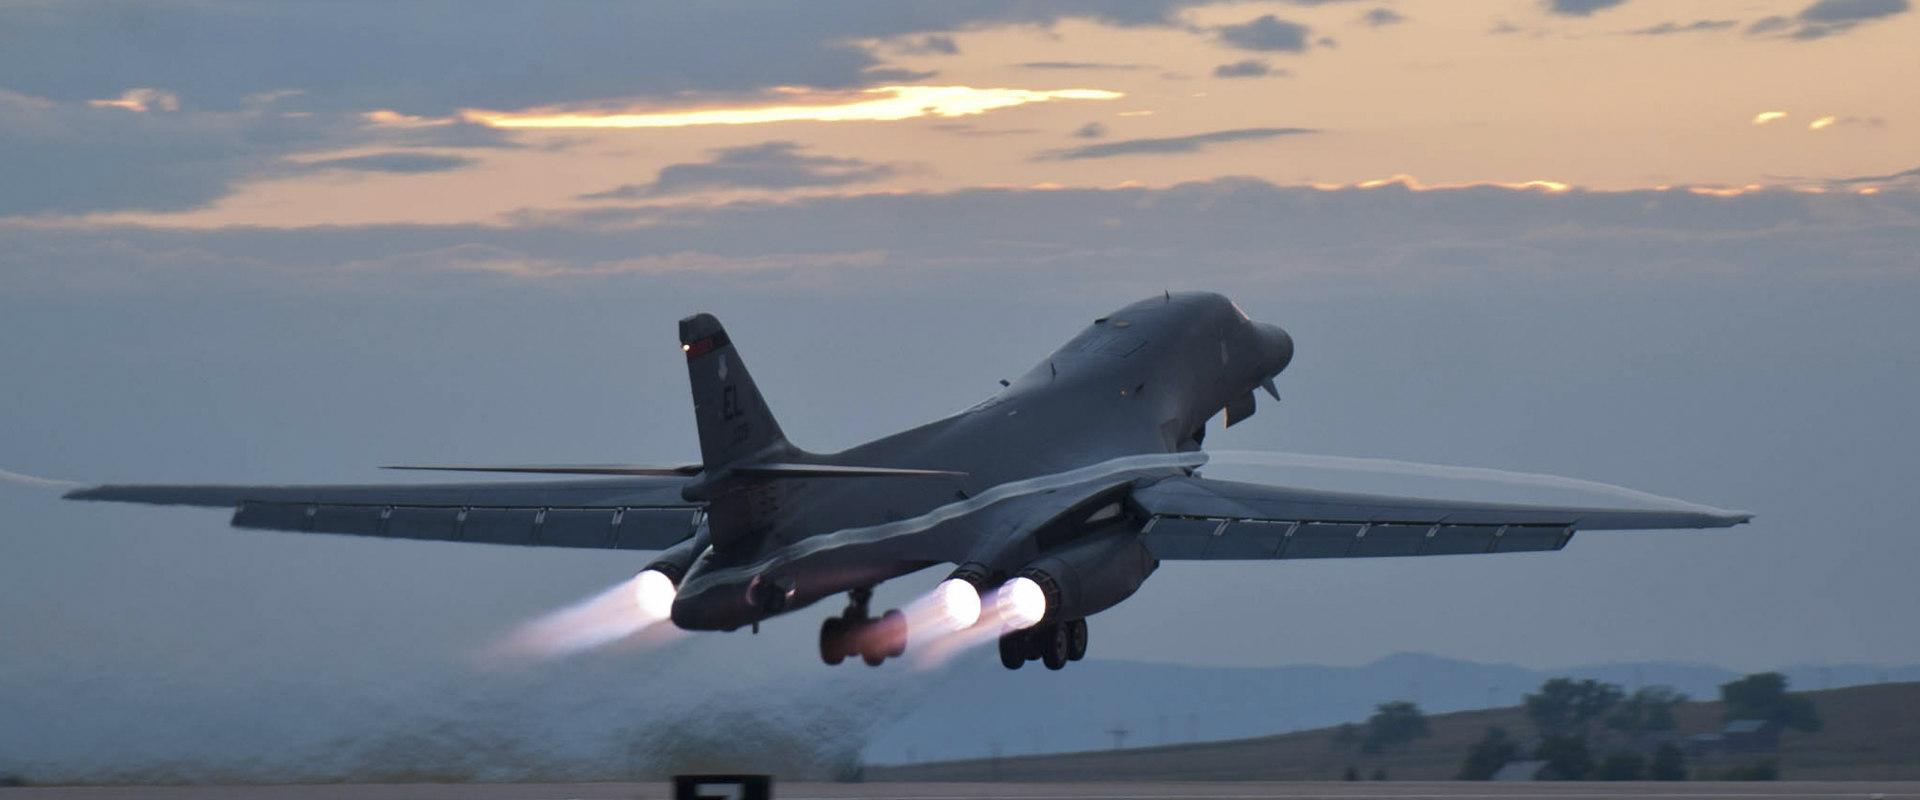 מפציץ מדגם B-1 (צילום: אי-פי)